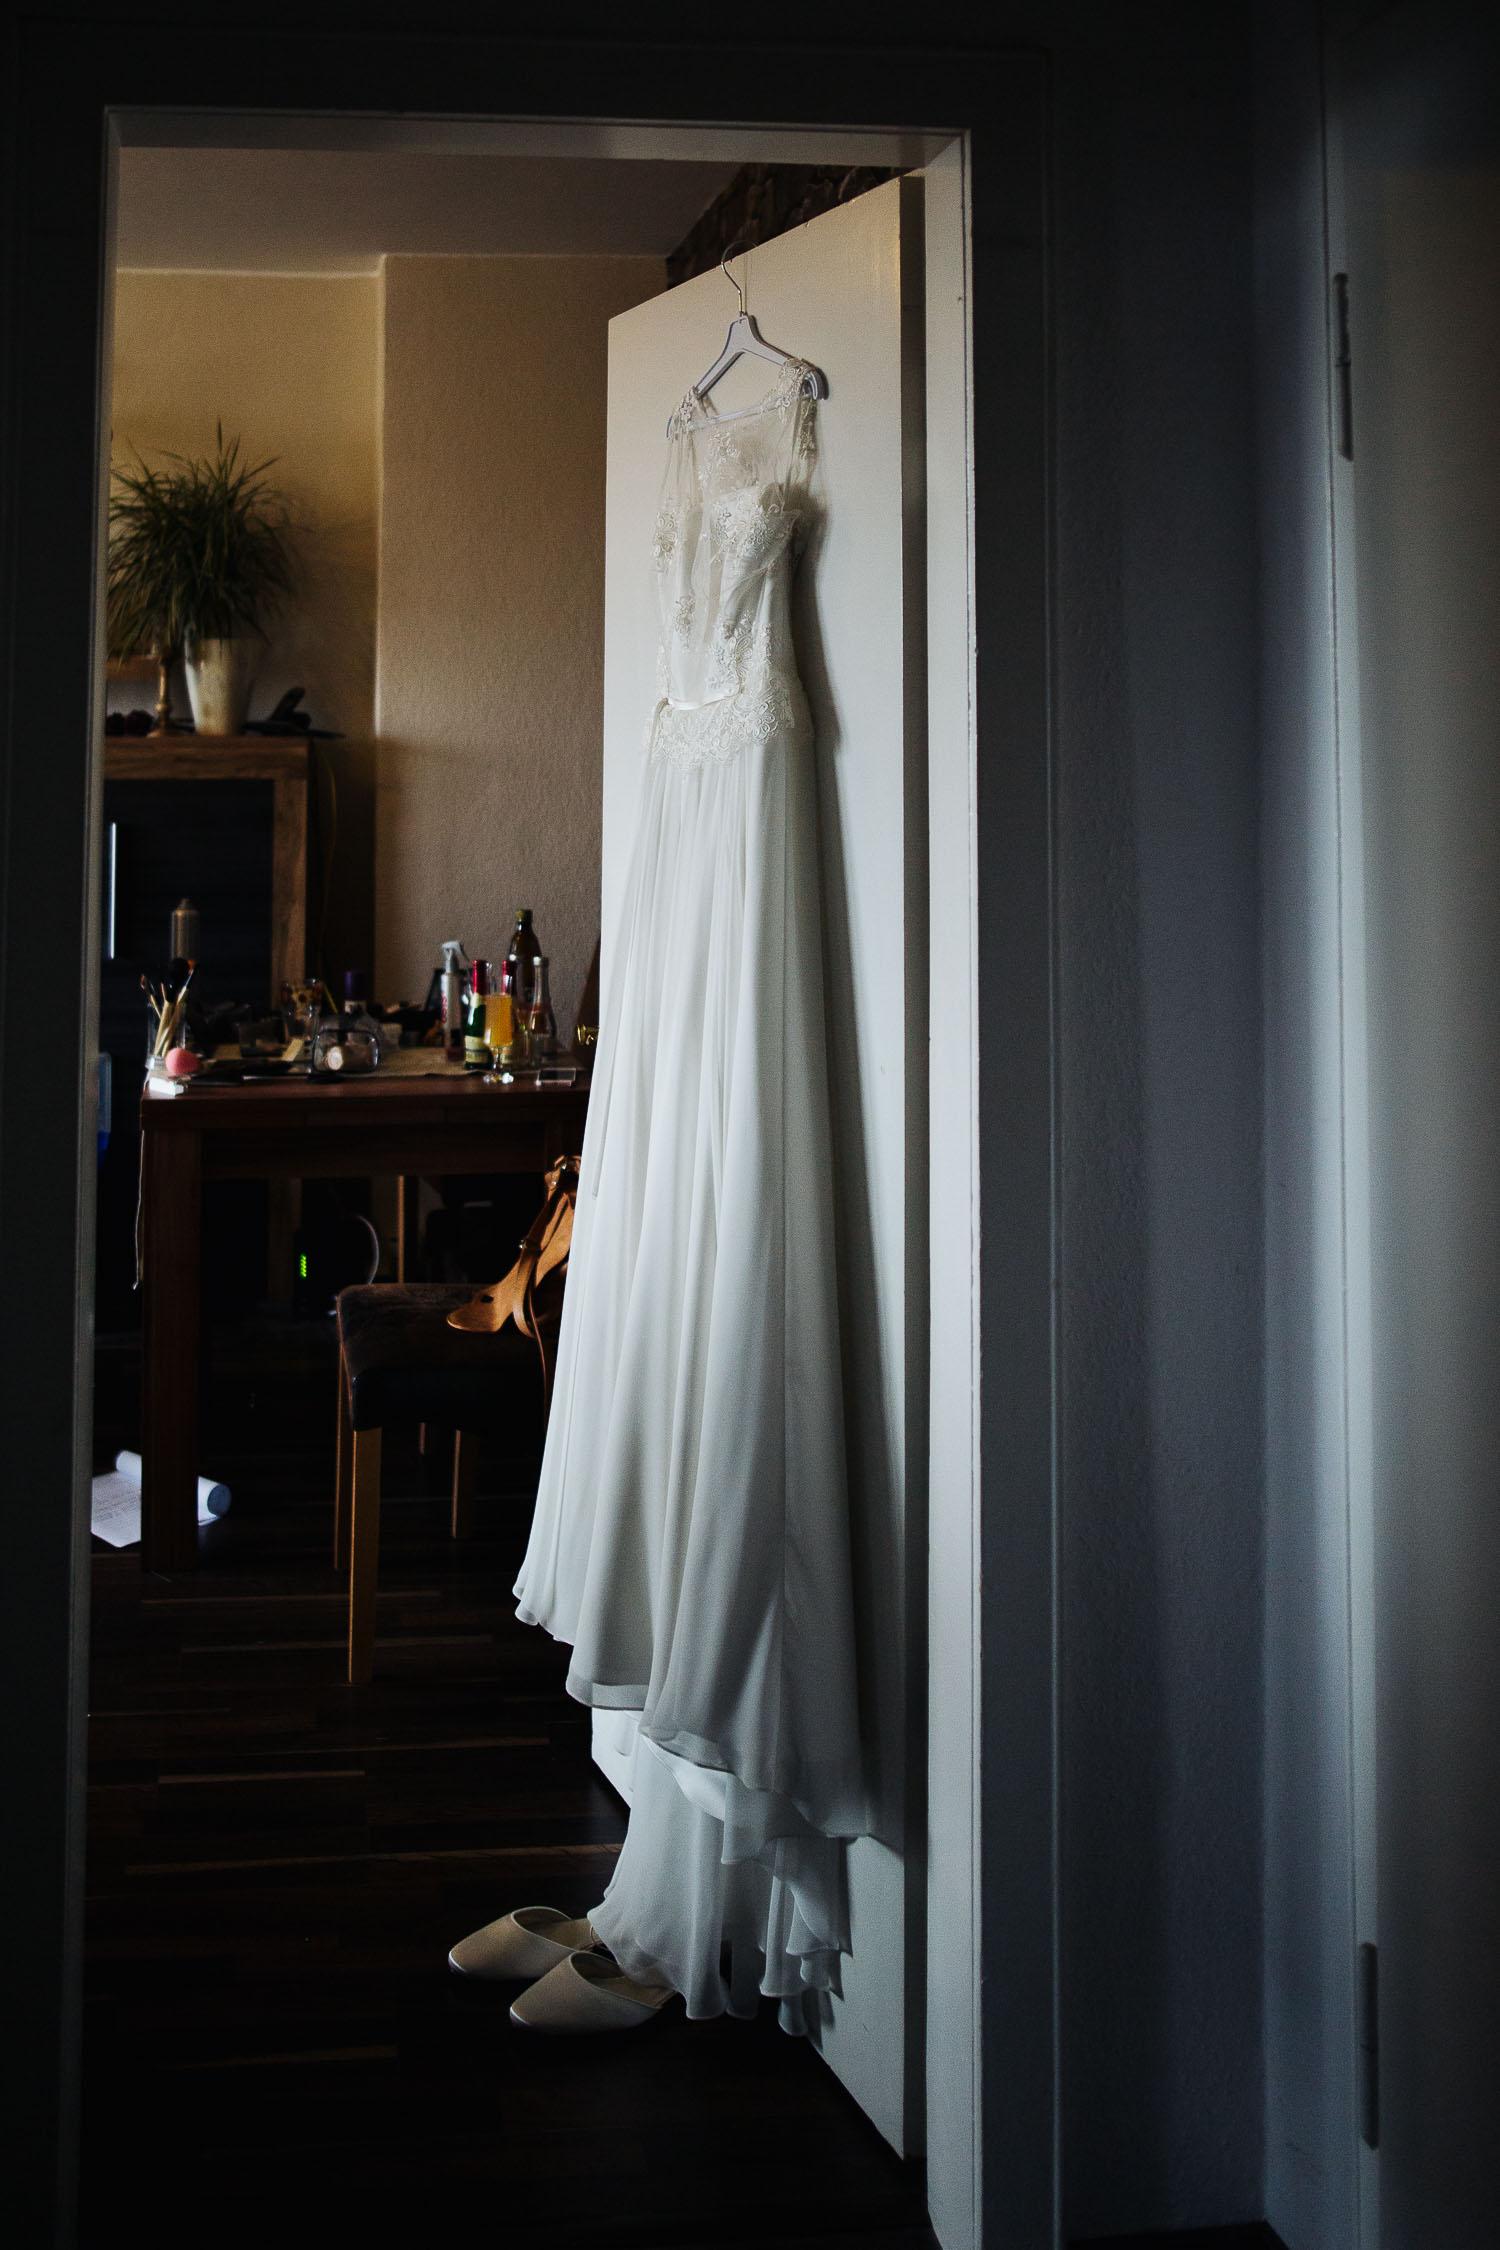 Hochzeitsfotografie-Hannover-Hochzeitsfotograf-m-fotografiert-Fotografie-Hochzeit-19-2 Marie & Elias Hochzeitreportage